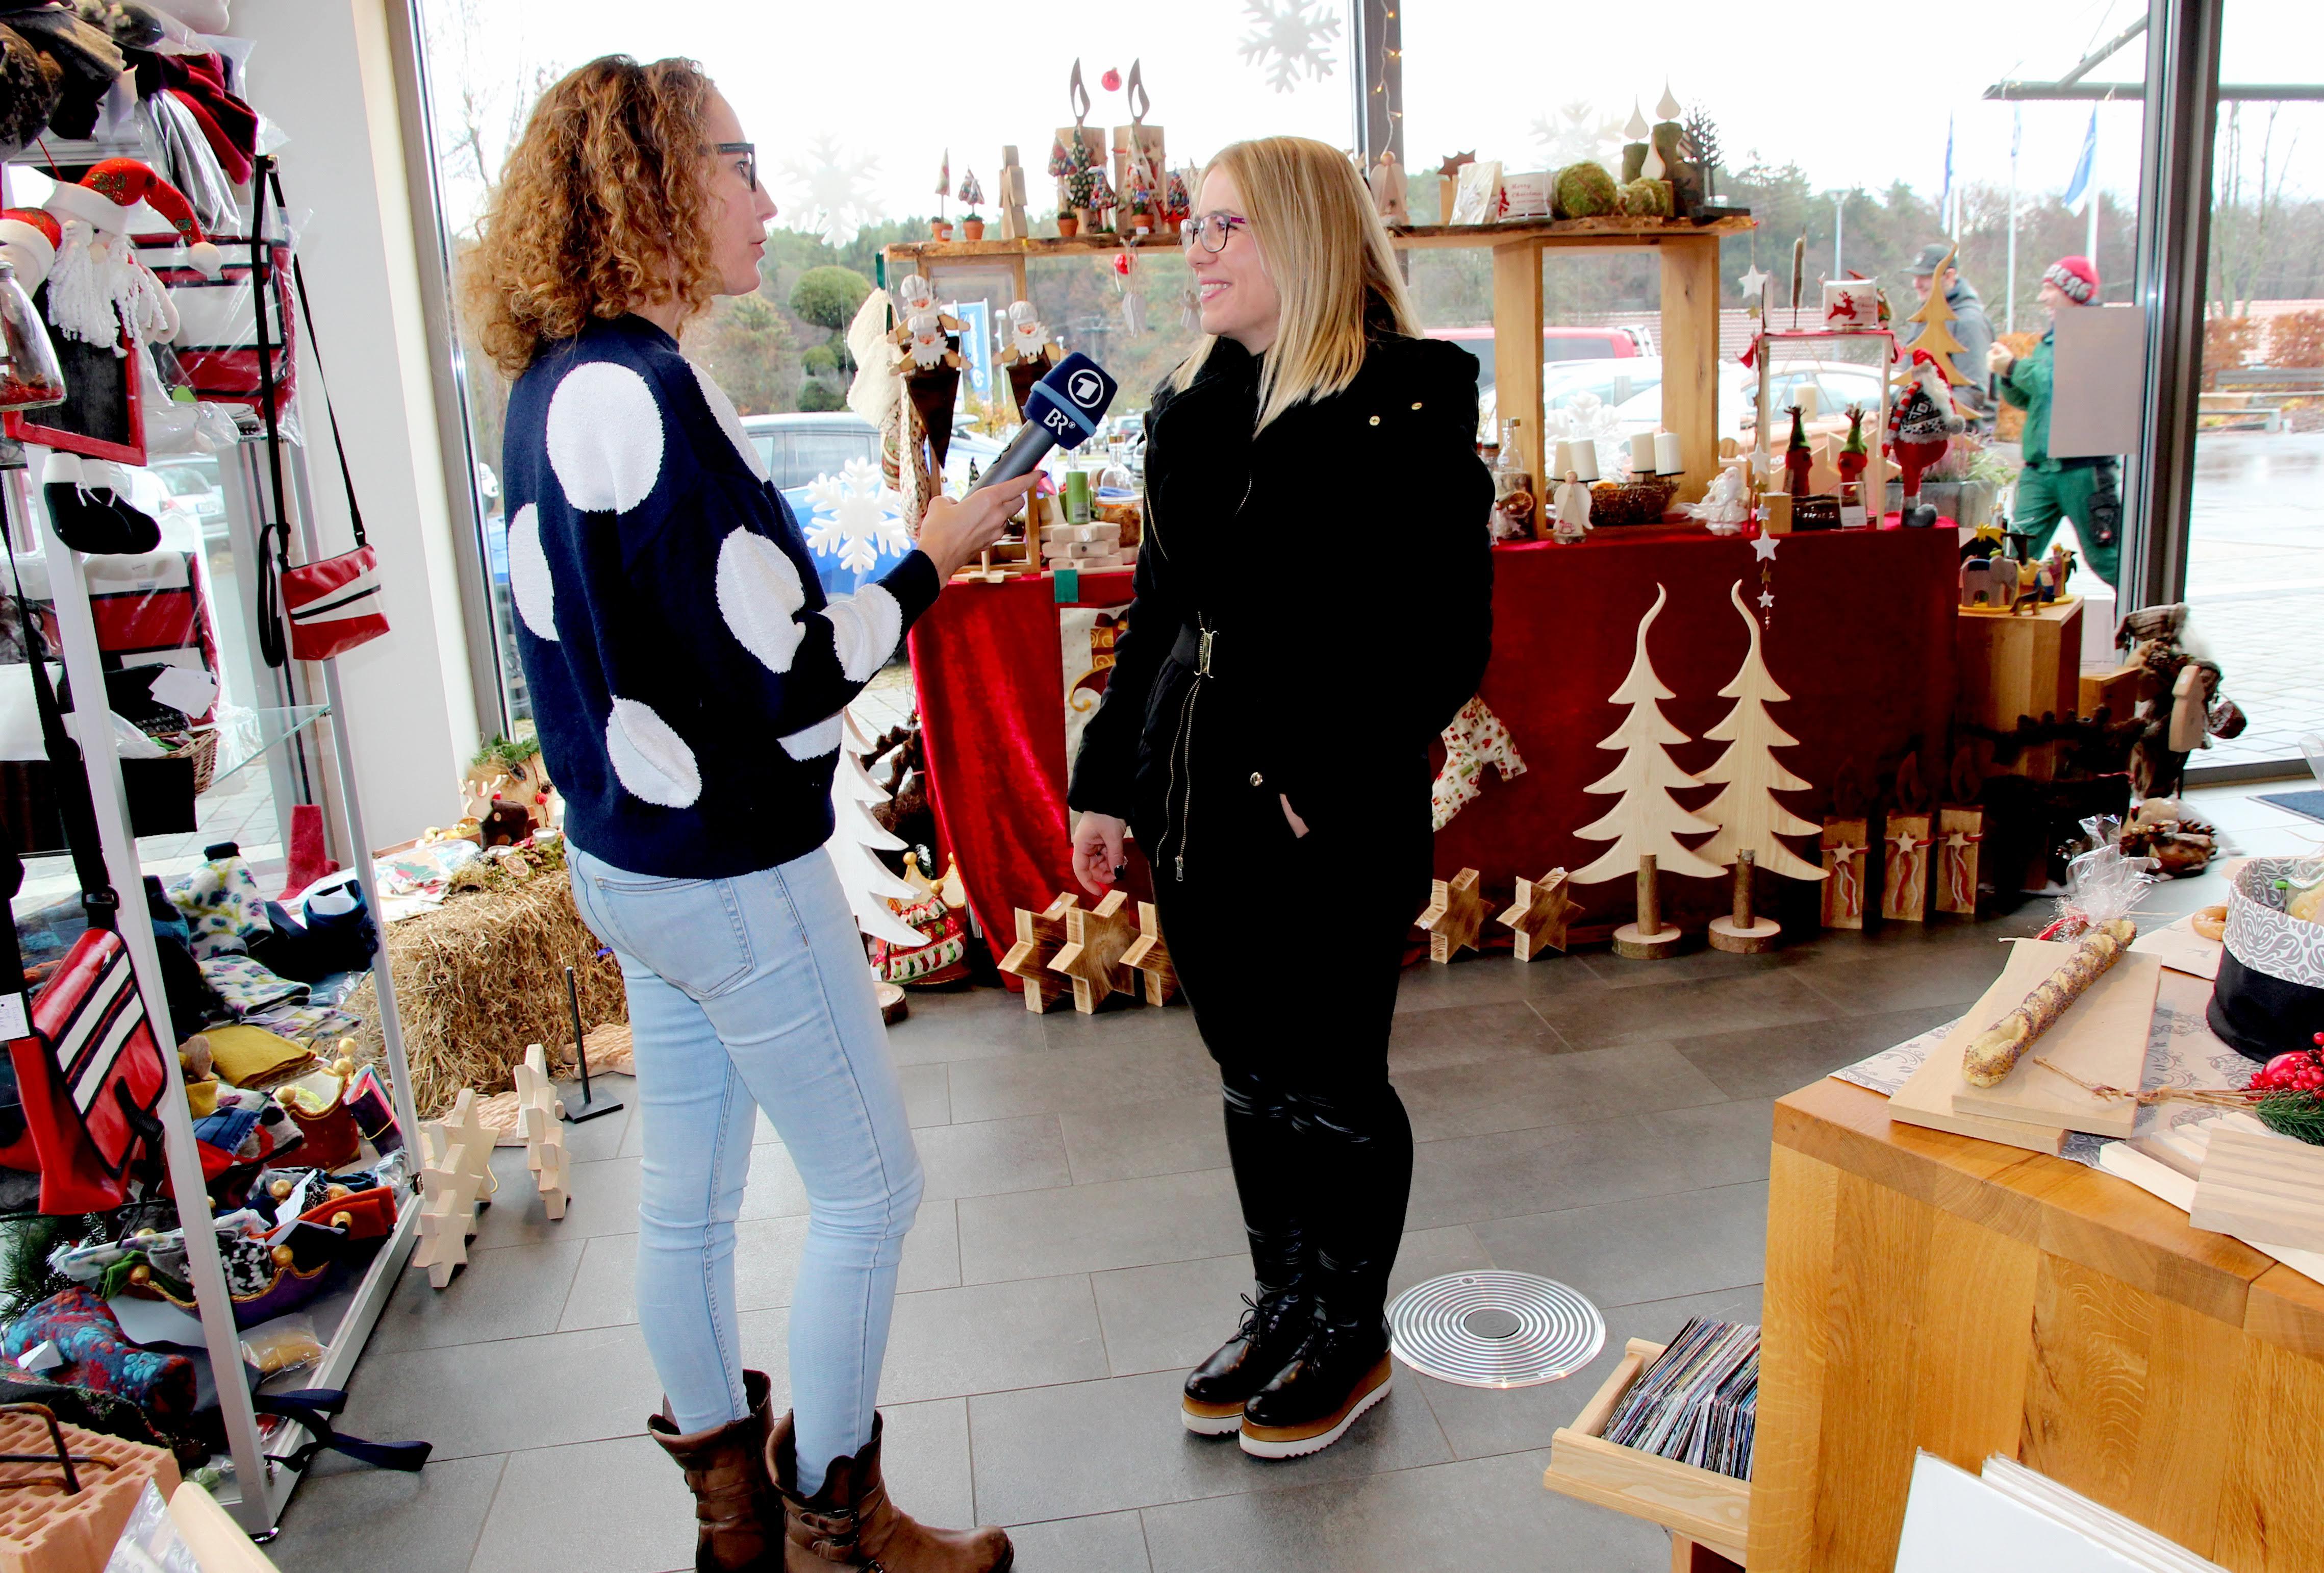 """Für die Sendung auf Bayern 1 """"Mittags in Franken"""" interviewte BR-Redakteurin Christine Weirauch unter anderem Mitarbeiterder der Produktion sowie Kunden."""